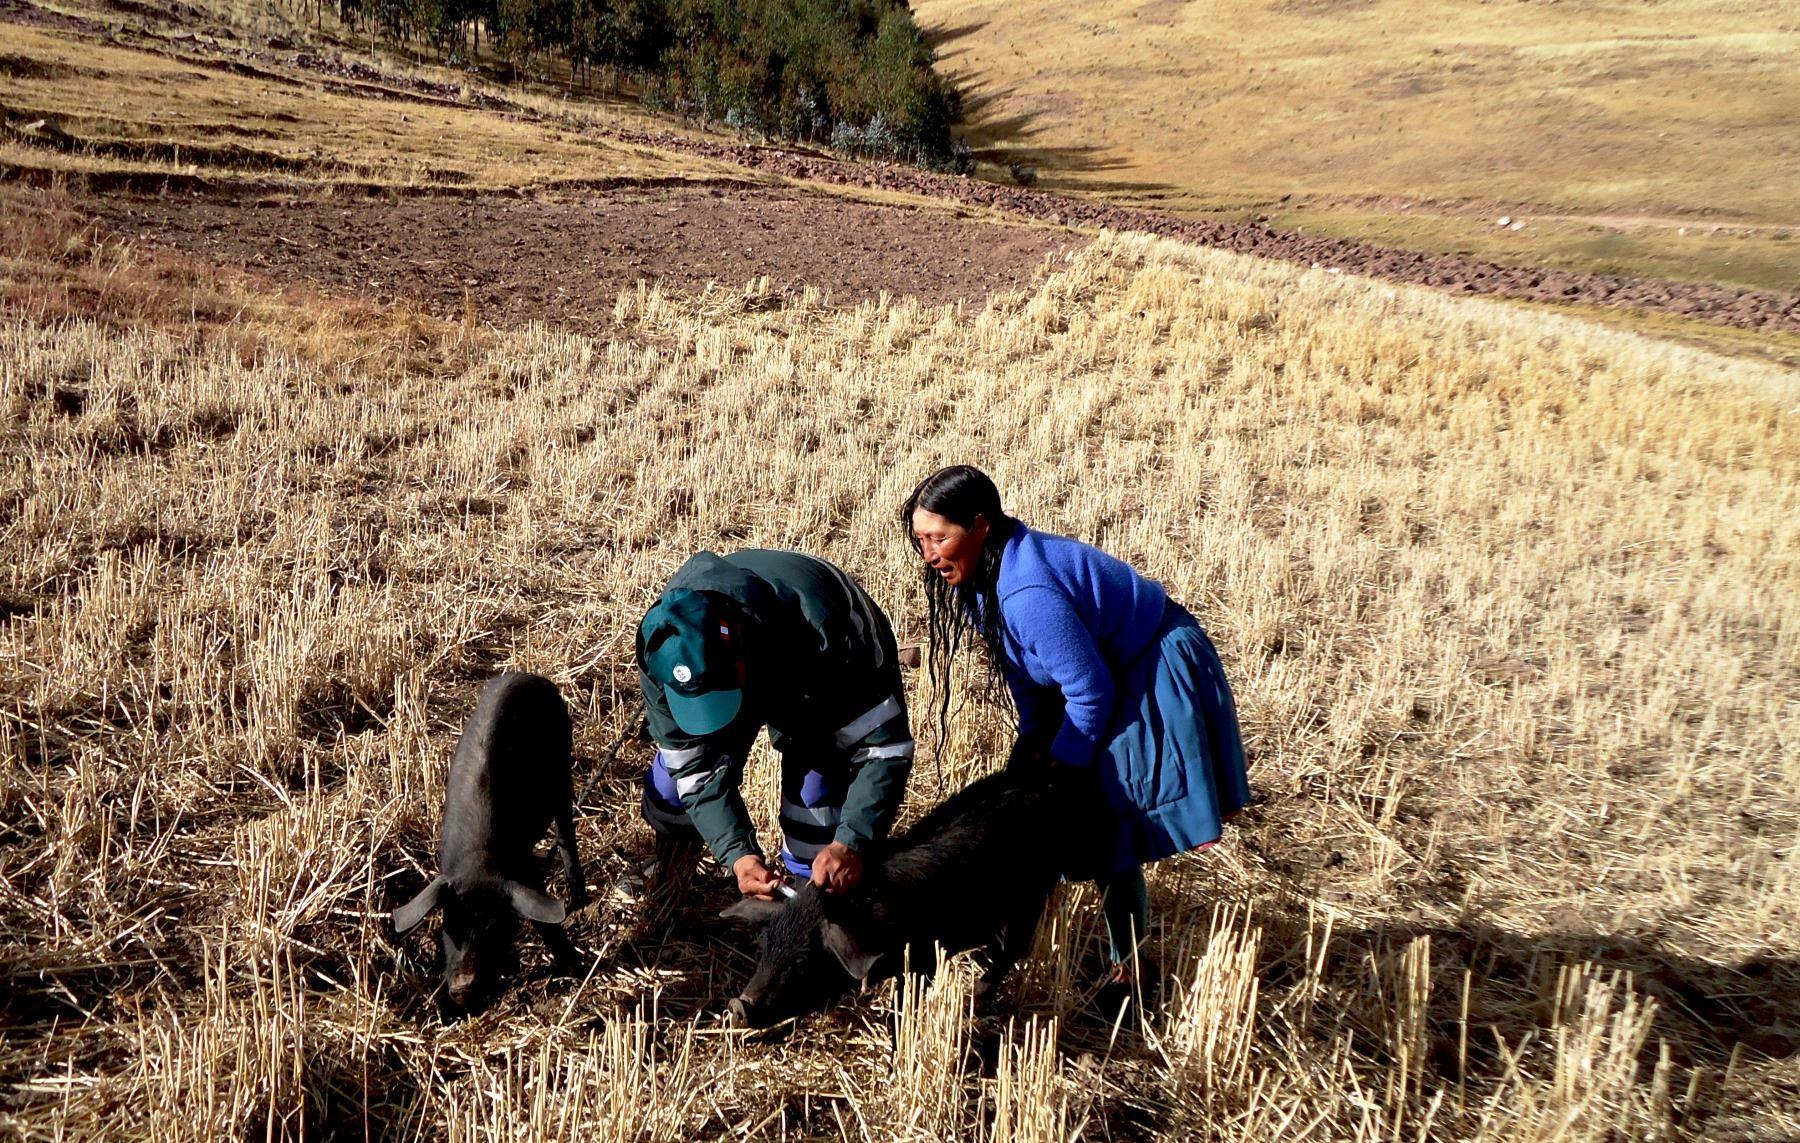 Senasa ejecuta campaña de vacunación de cerdos contra la peste porcina clásica en Huancavelica. ANDINA